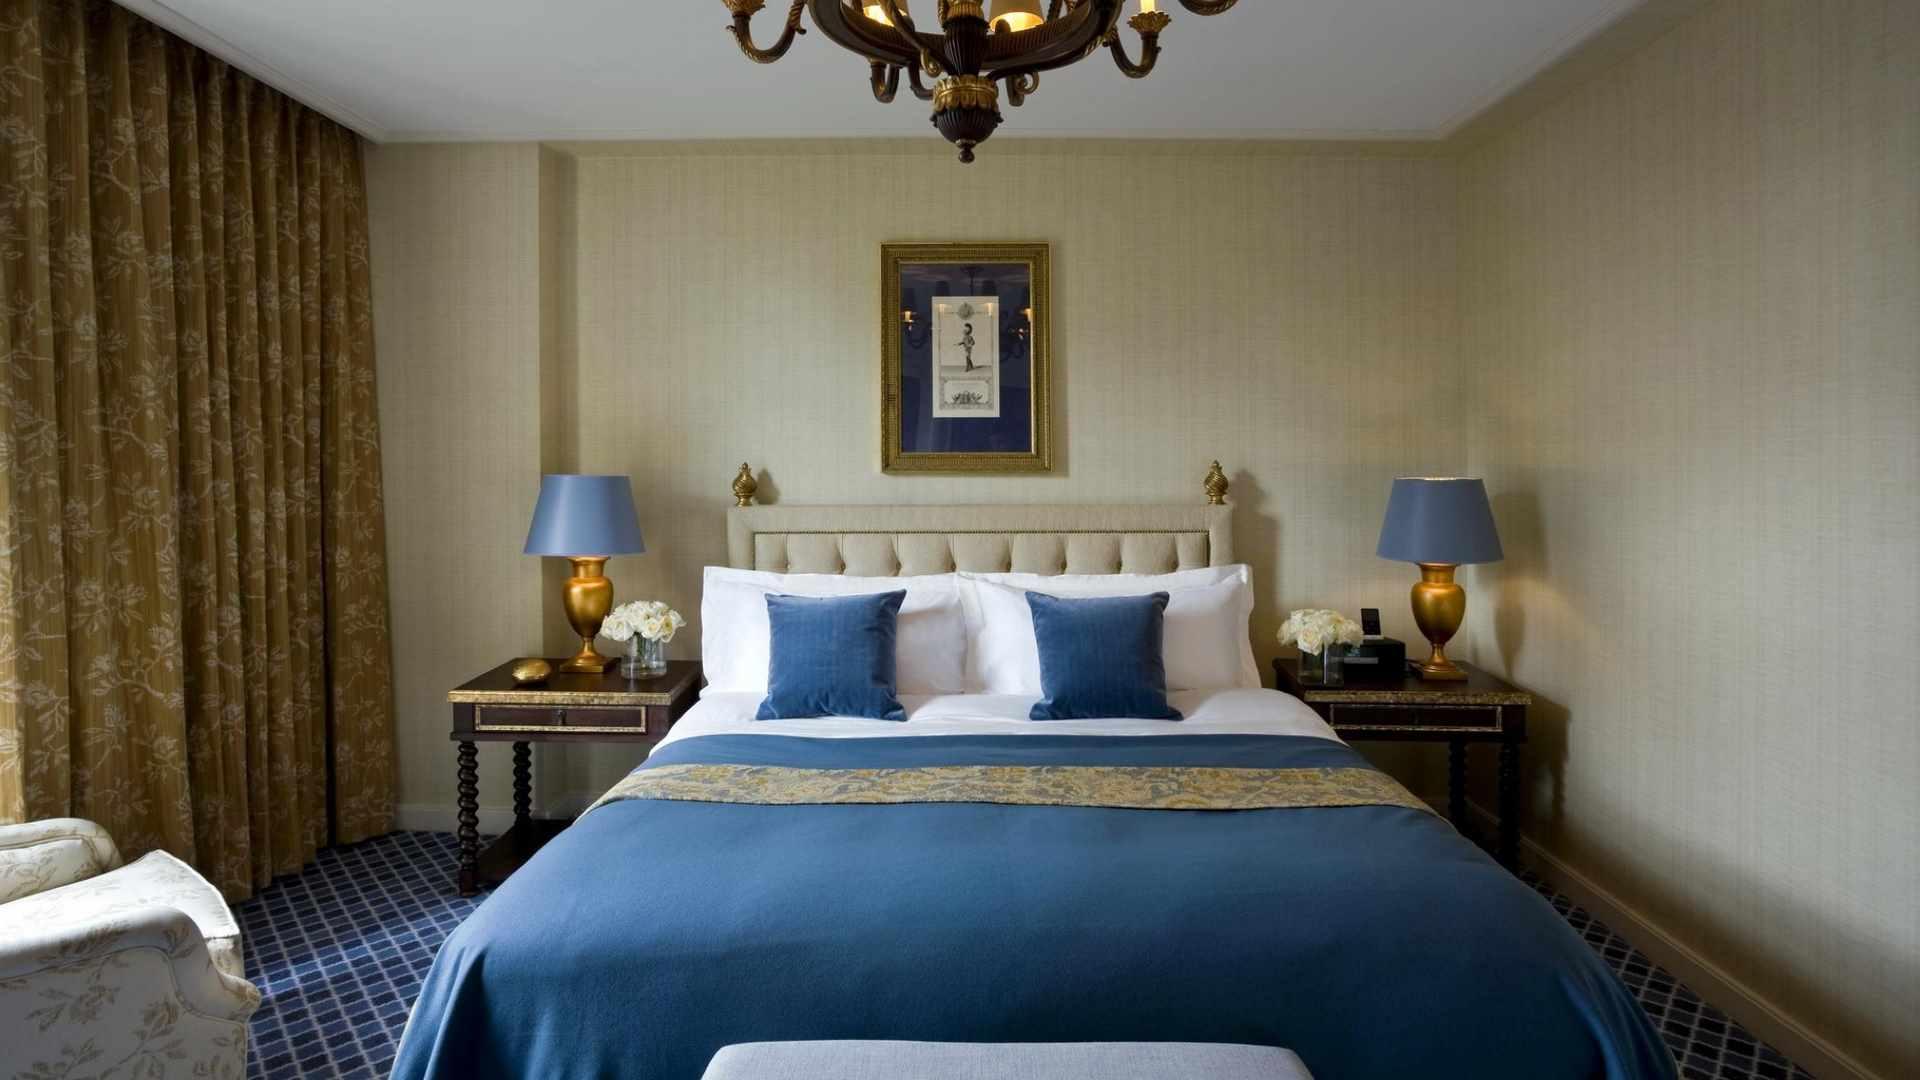 un exemple de conception inhabituelle d'une chambre étroite